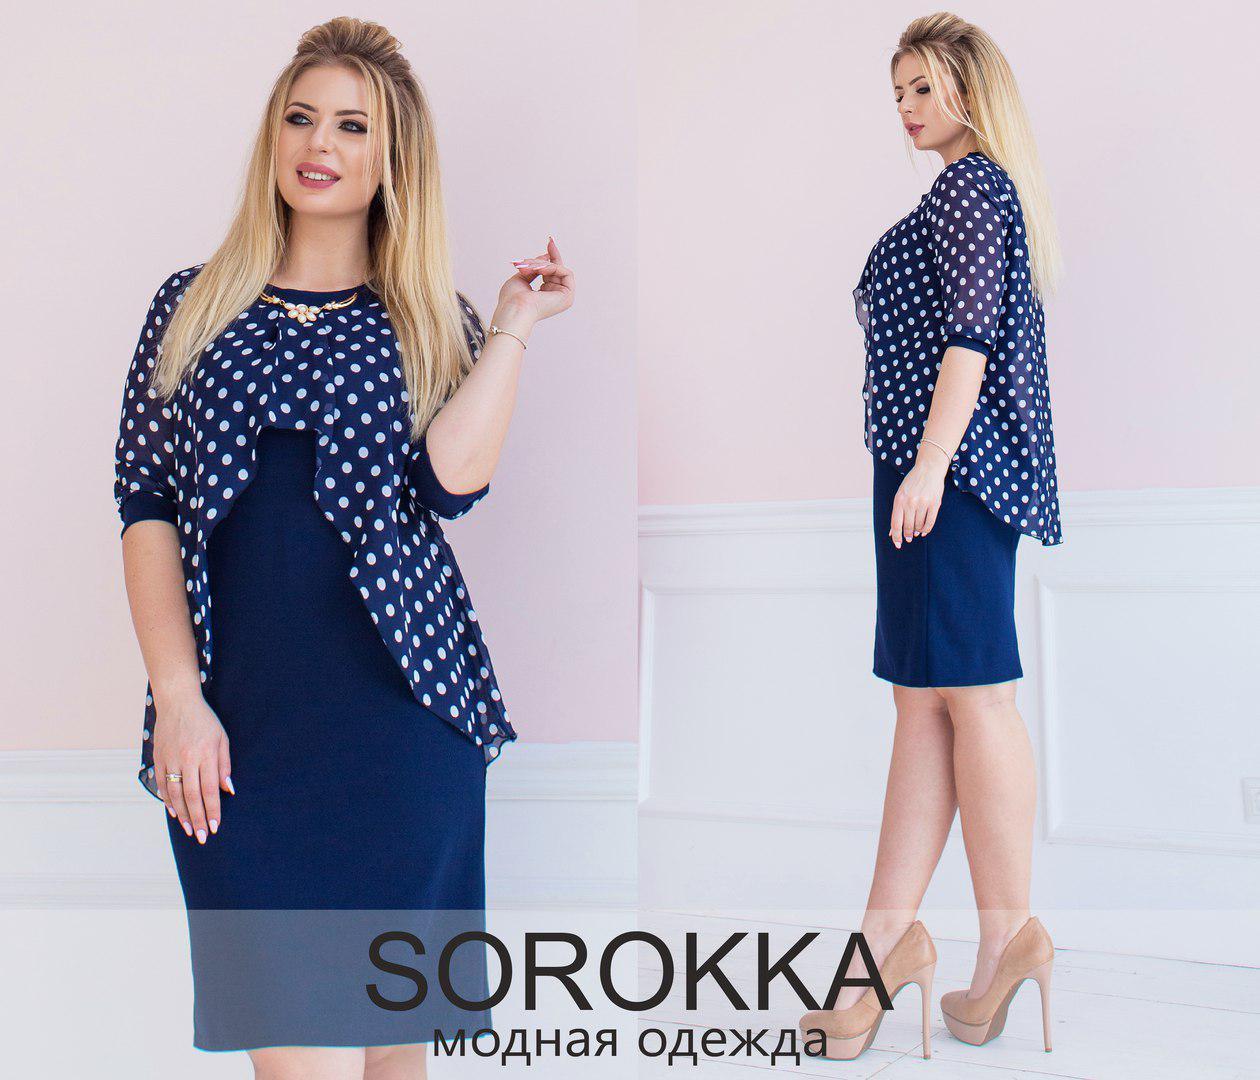 Платье больших размеров 50+с пришивной шифоновой накидкой асимметричного кроя  принт горох арт 5842-178